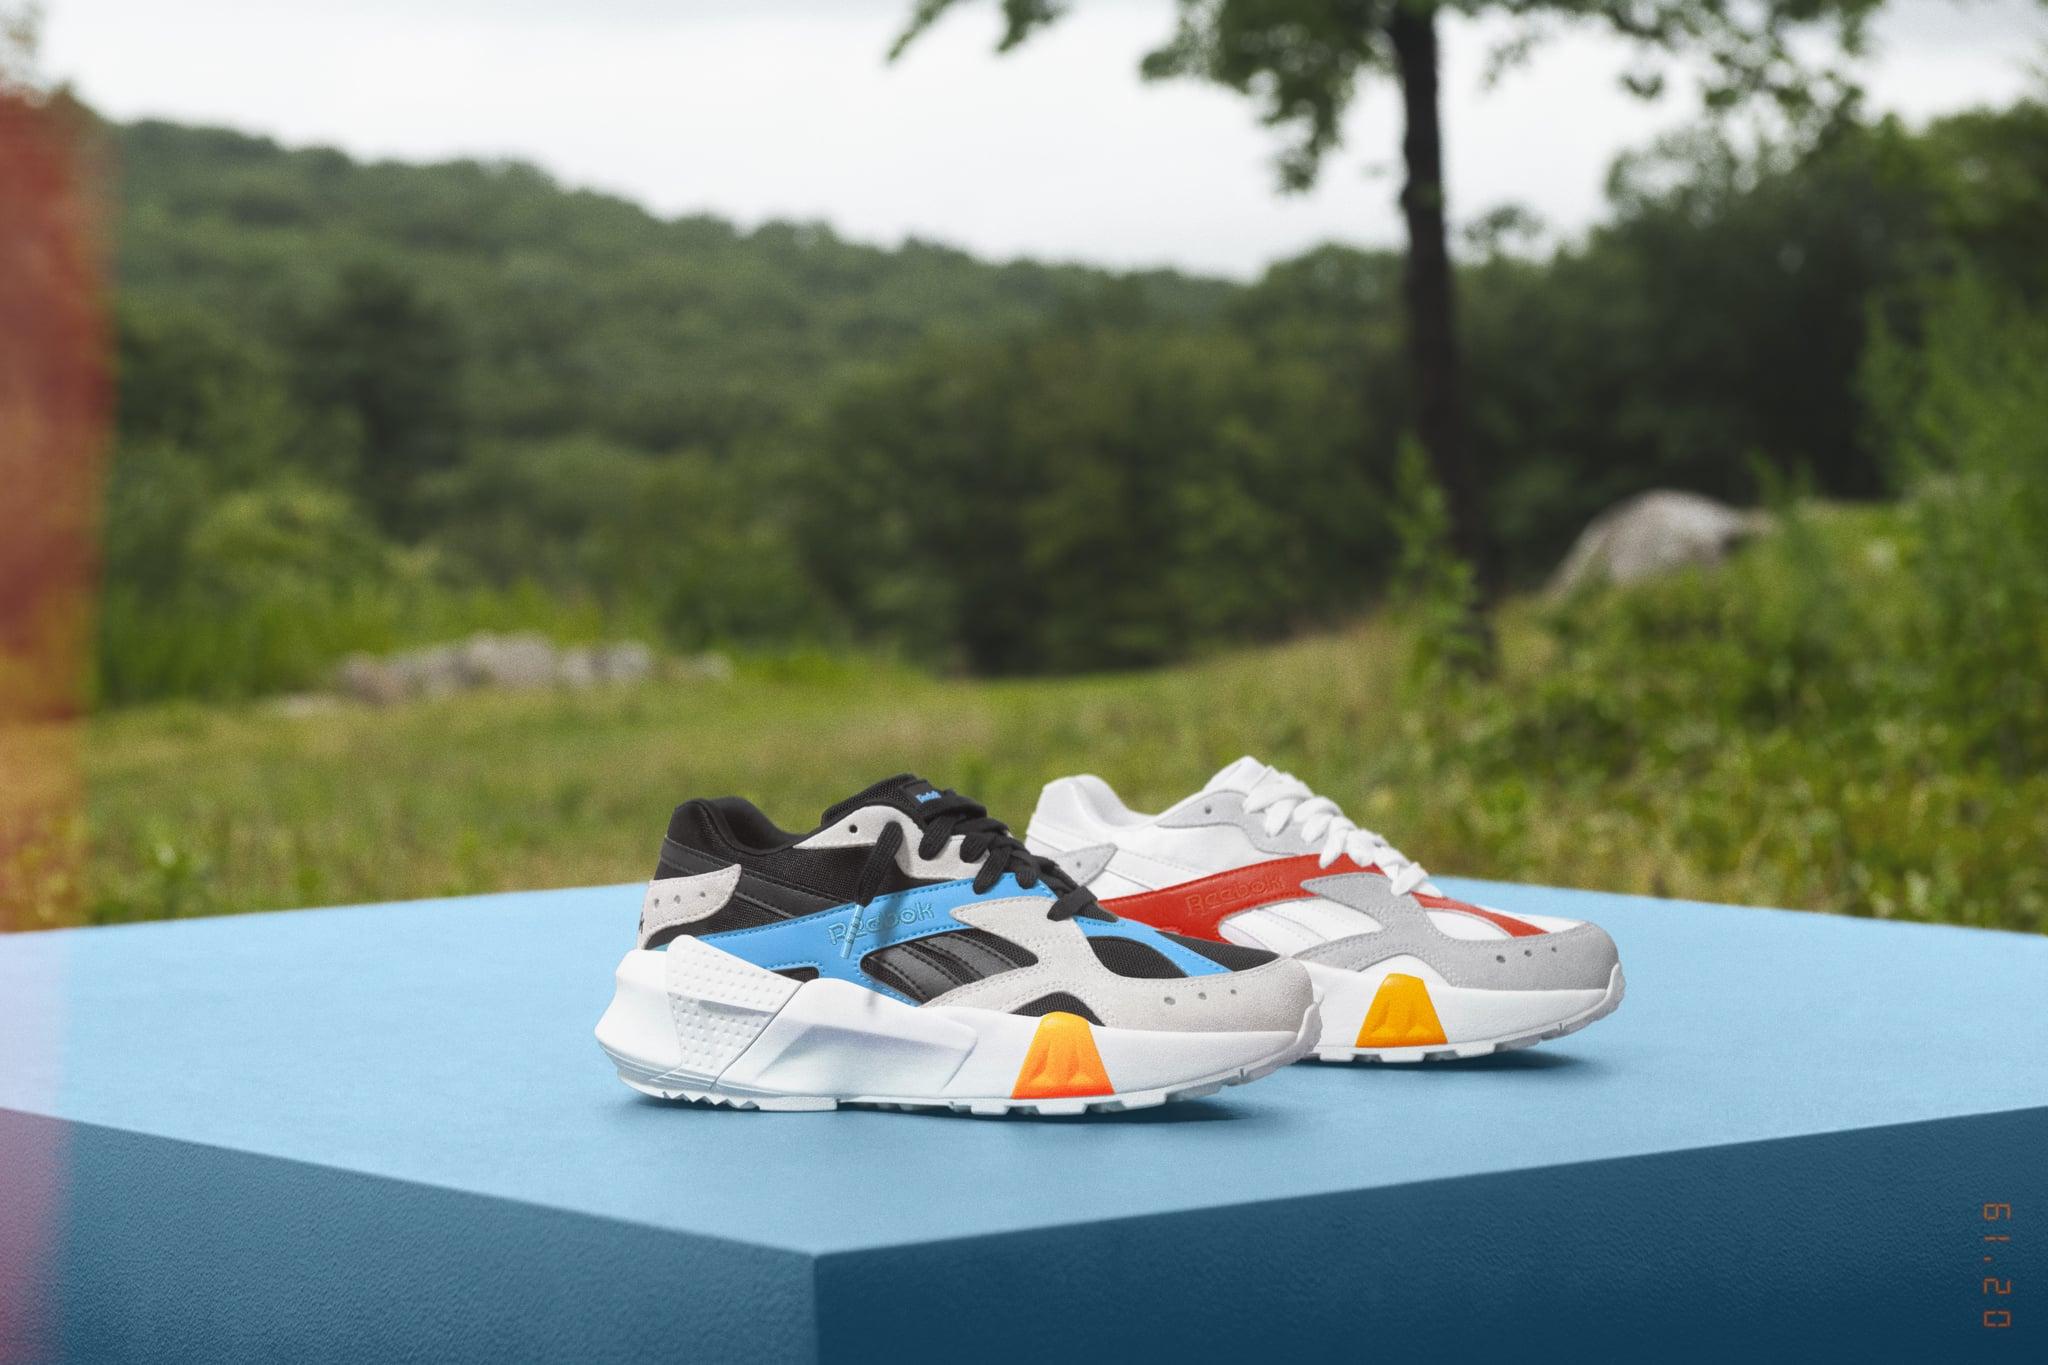 big selection of 2019 100% quality free shipping Reebok Aztrek Double x Gigi Hadid Sneakers | Gigi Hadid's ...